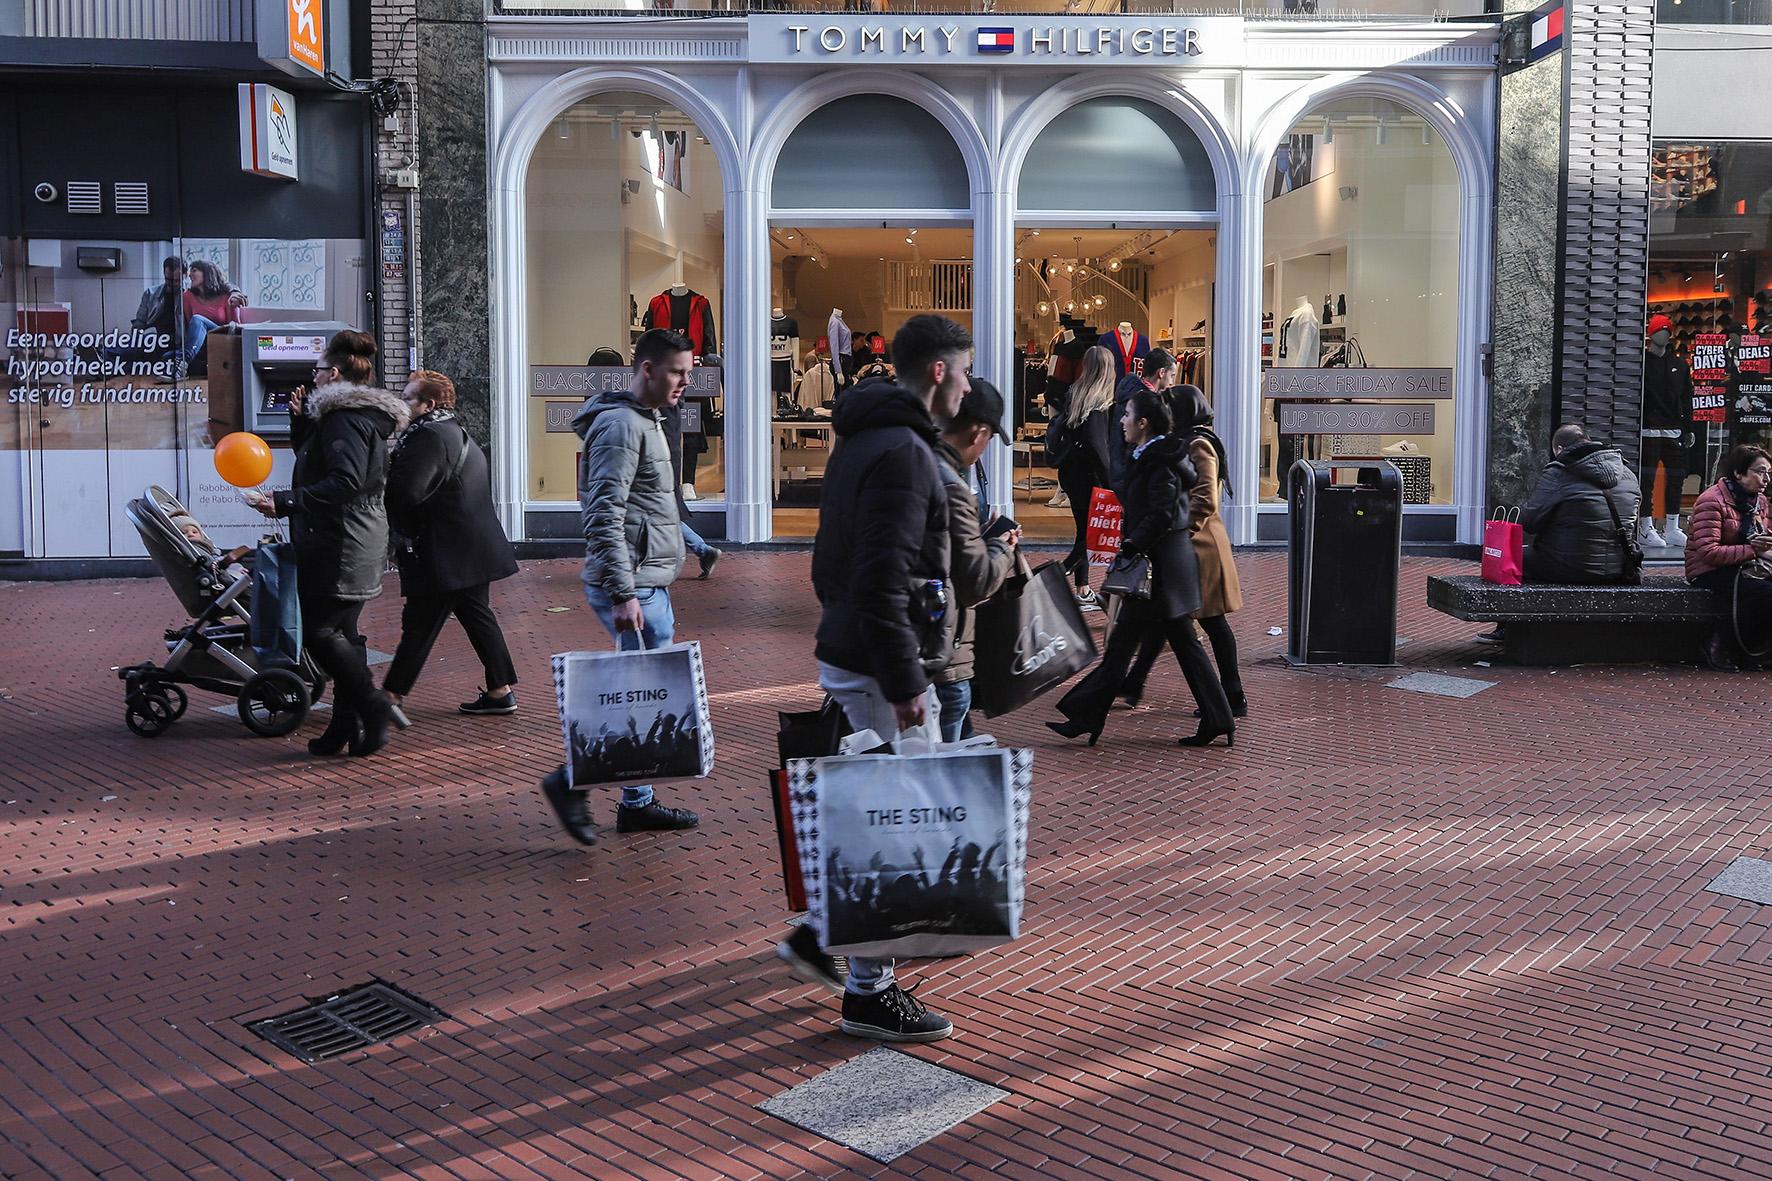 Nederlanders somberder over de toekomst, vertrouwen in politiek toegenomen